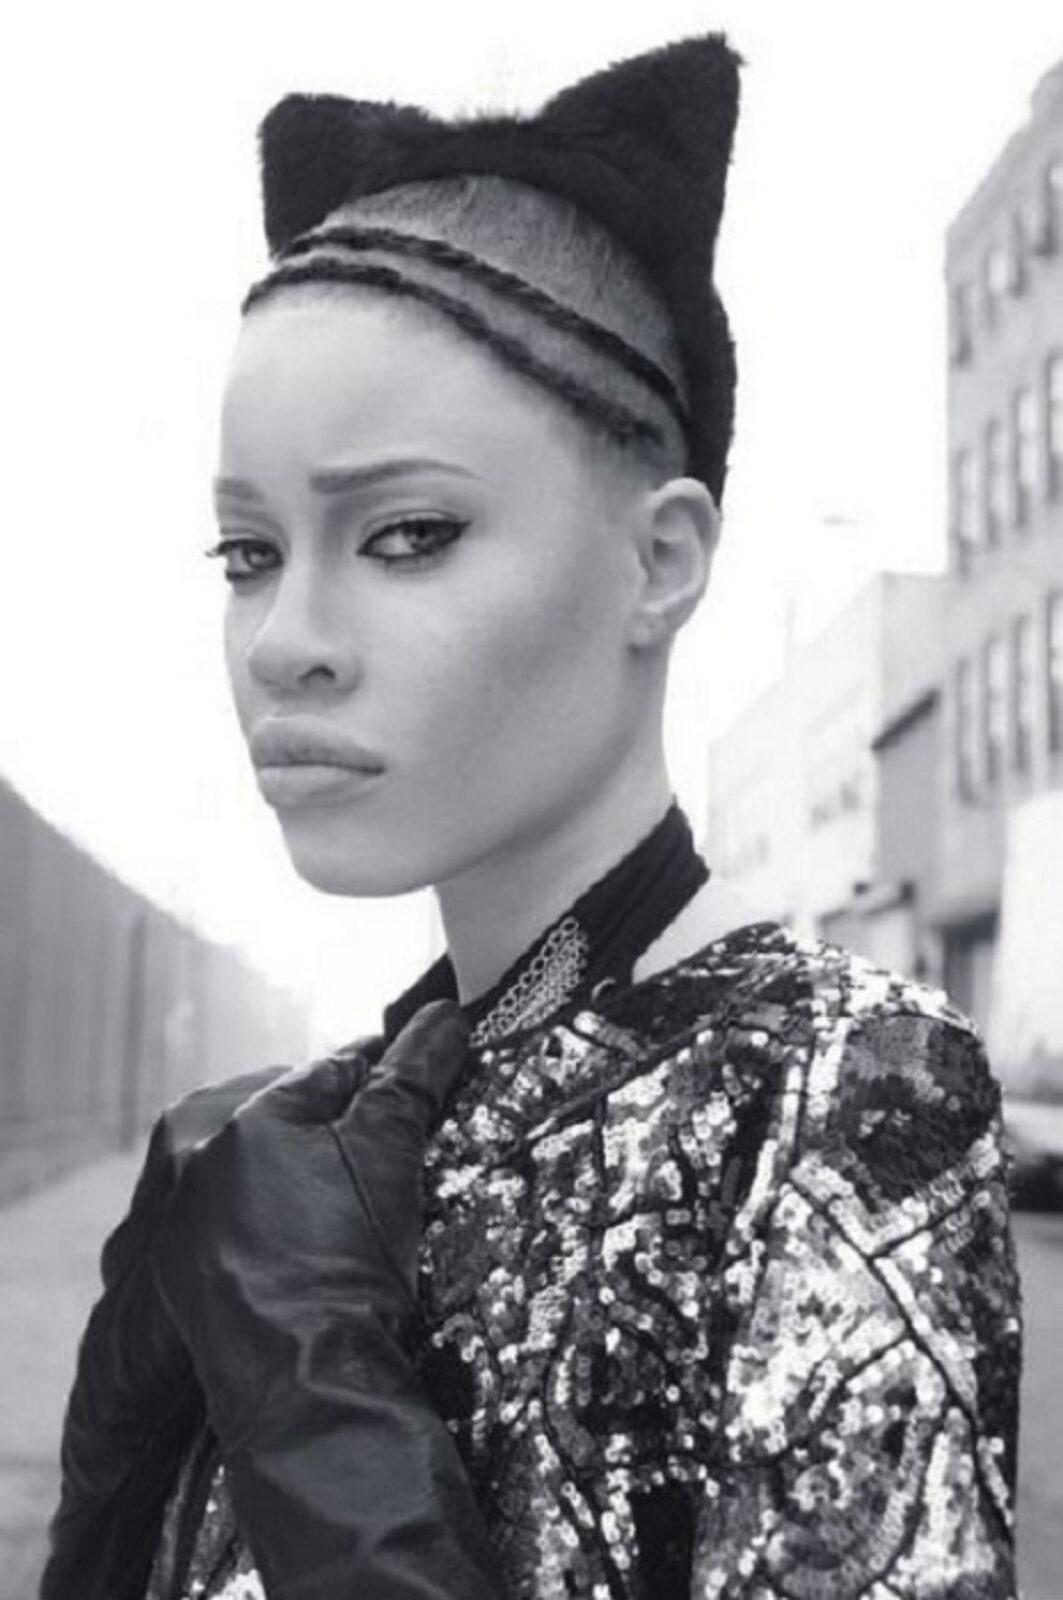 Её вид завораживает! Экстраординарная африканская красотка